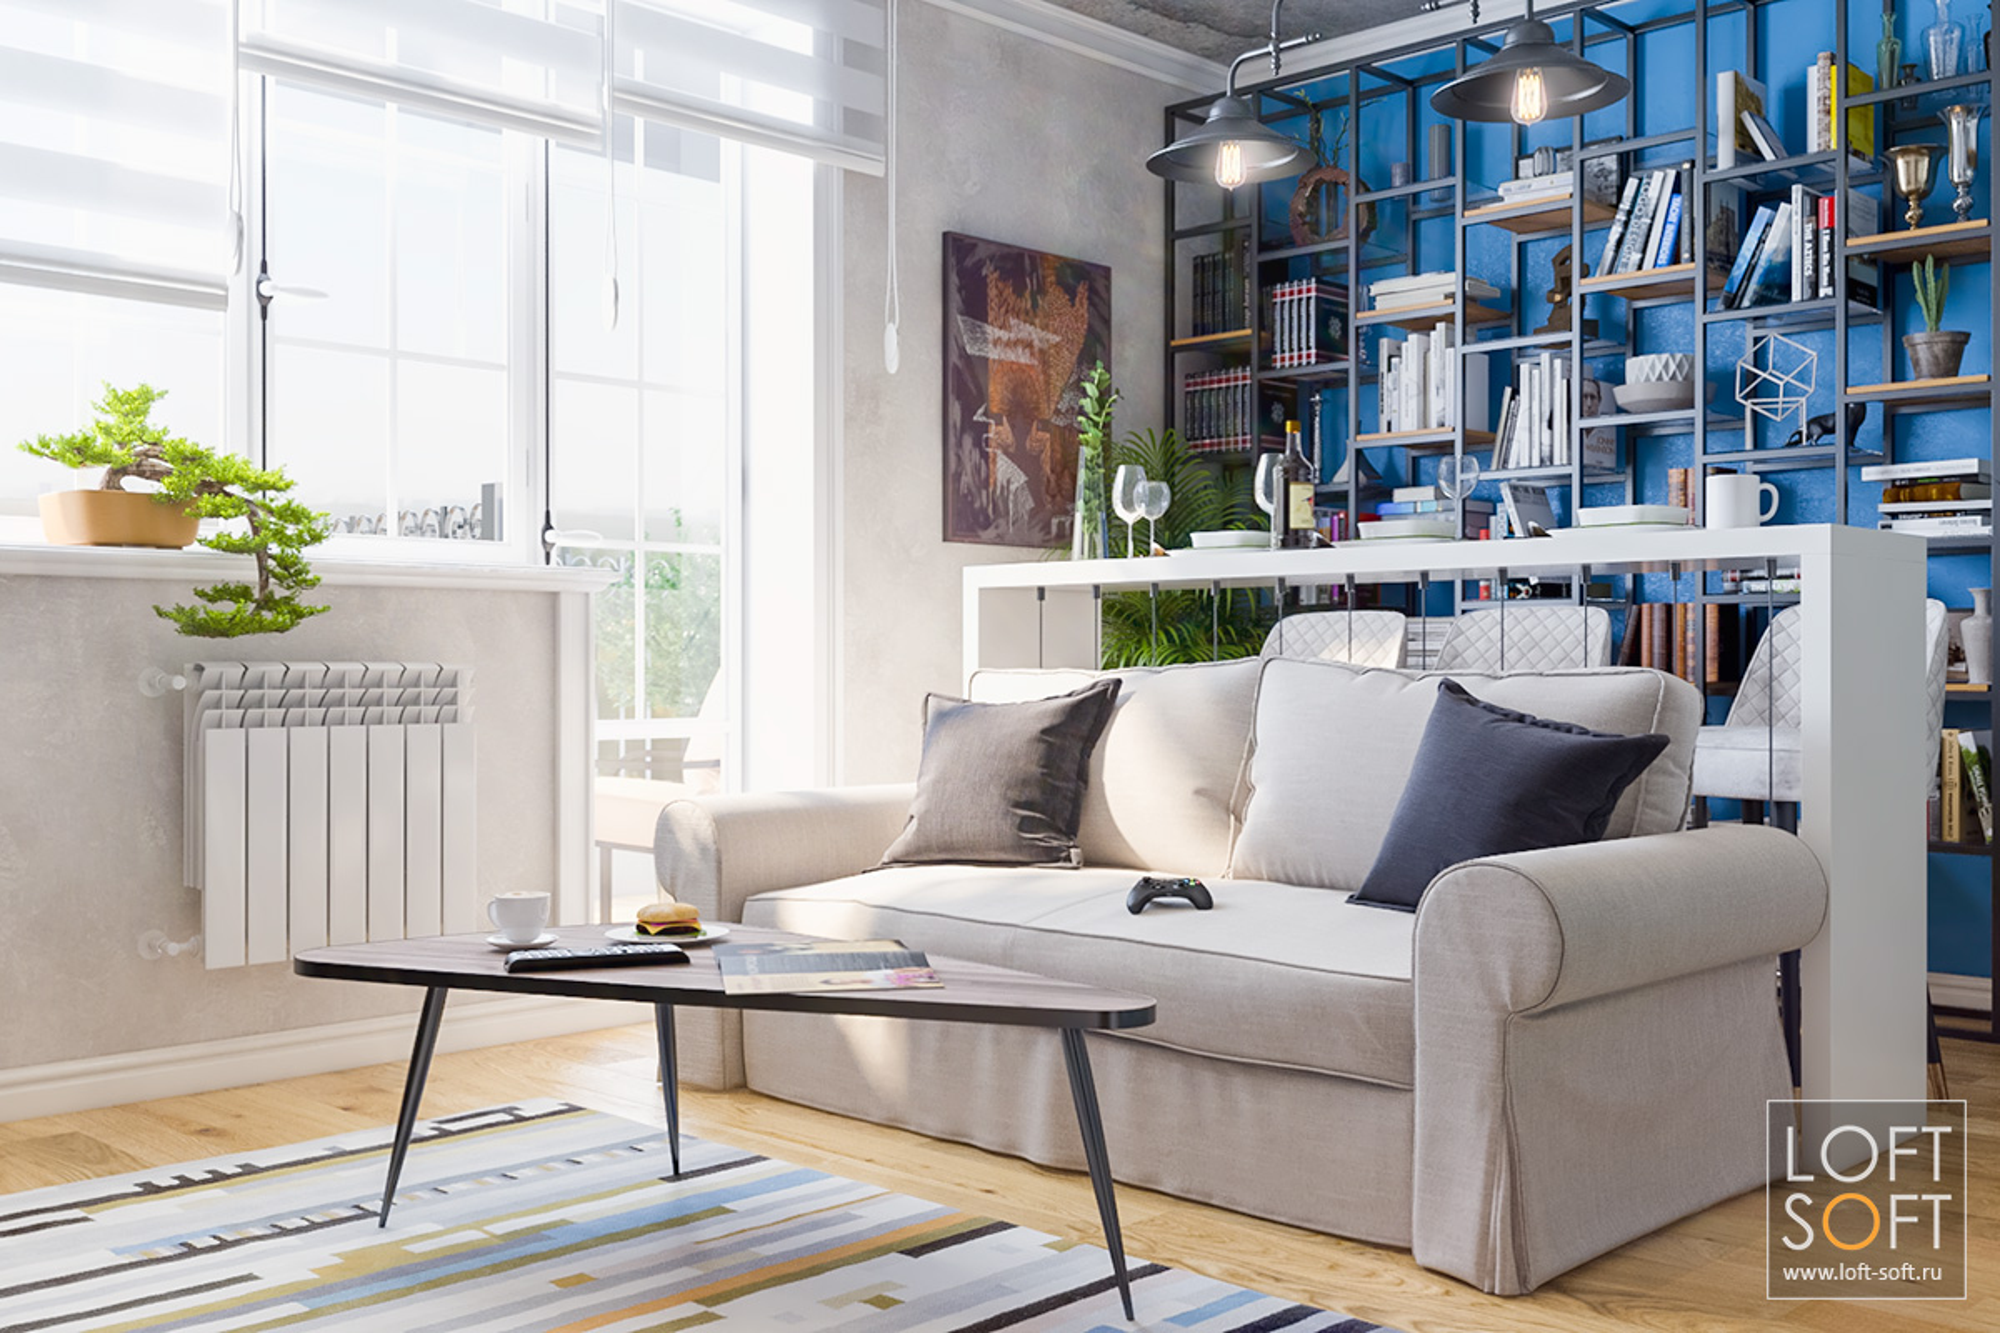 Интерьер квартиры встиле лофт, синяя стена винтерьере